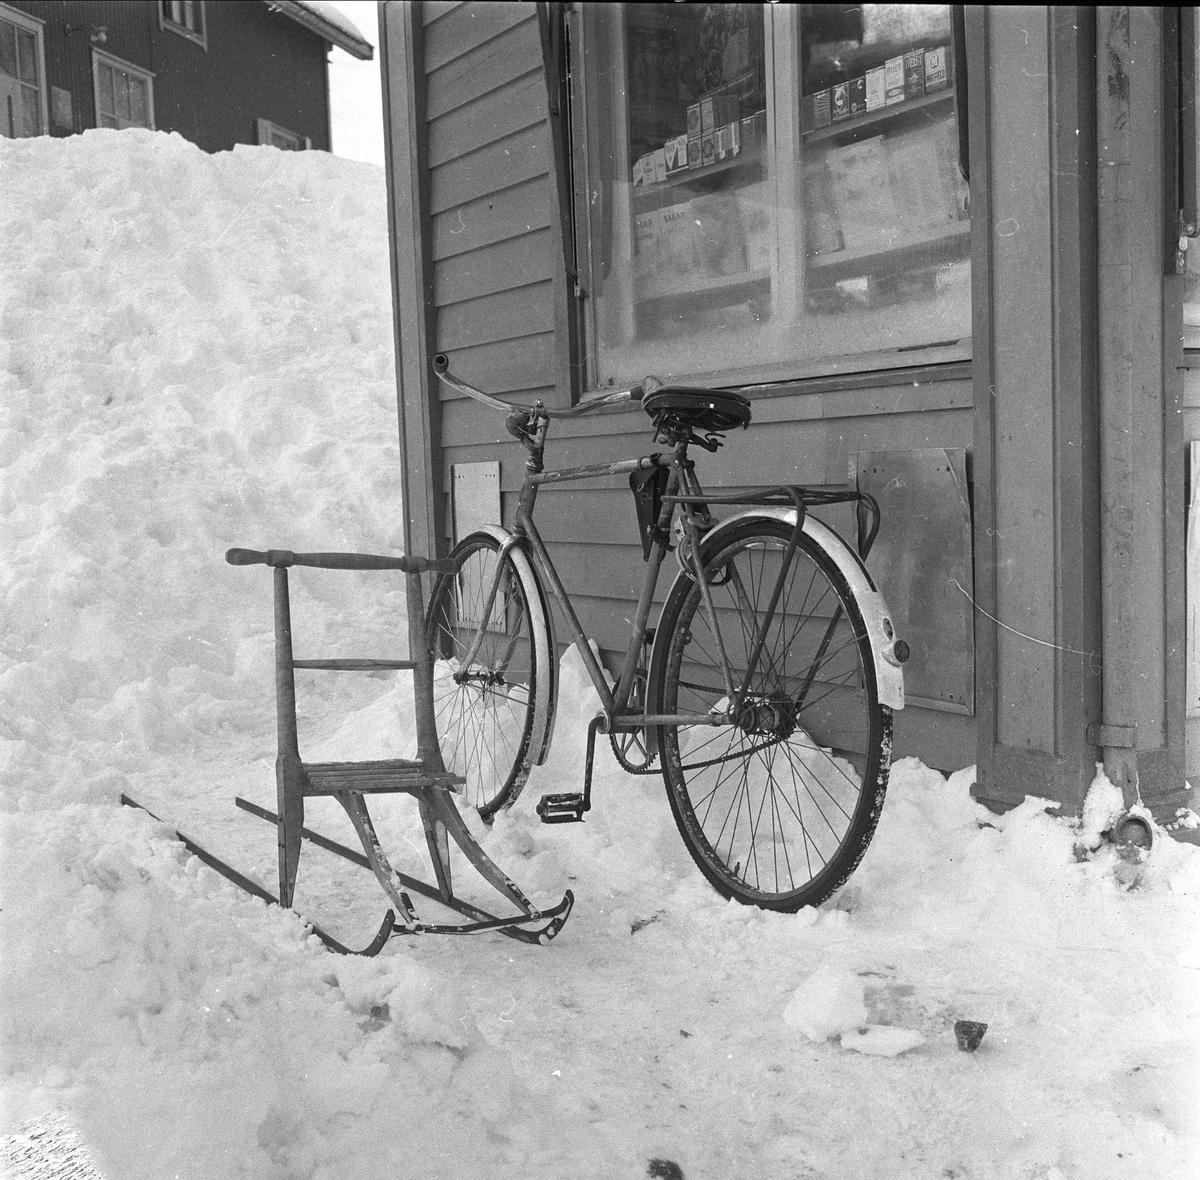 Bebyggelse, dagligliv, bydel Teisen, Oslo, januar1959. Sparkstøtting og sykkel.